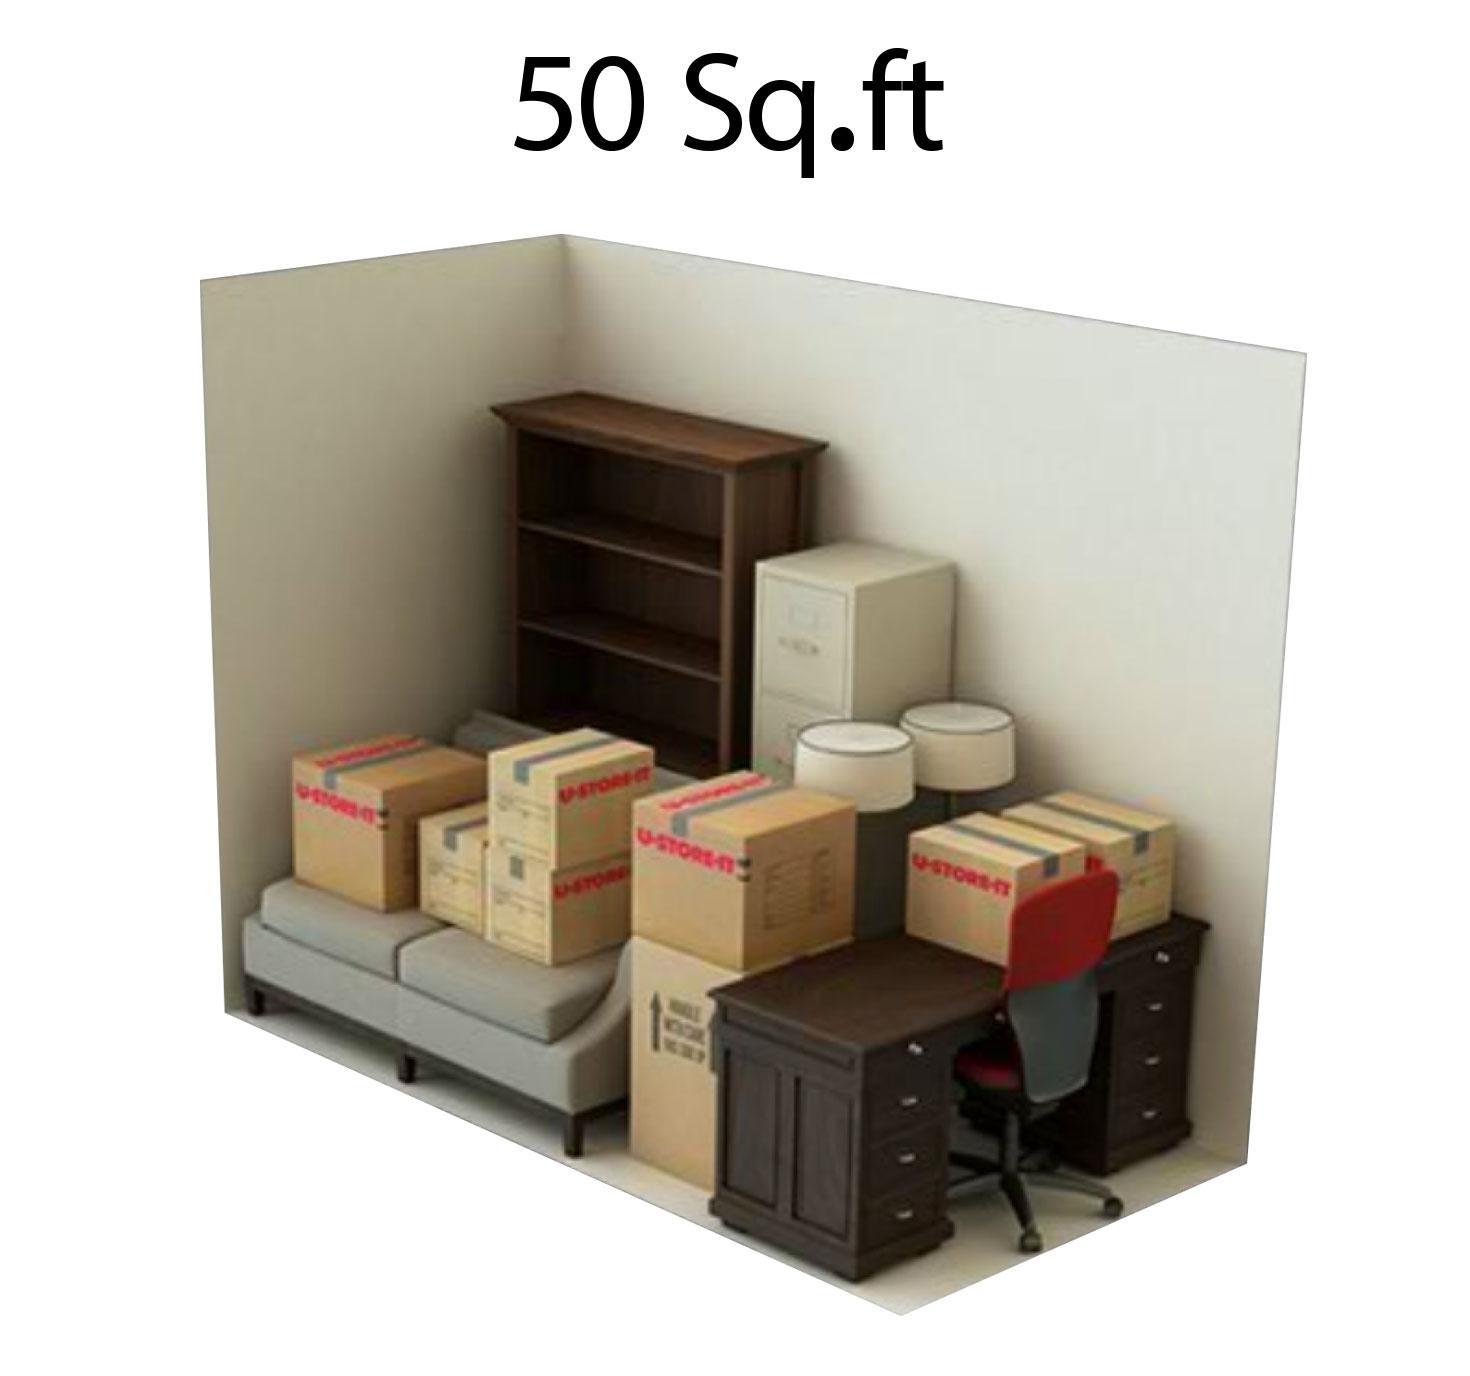 50 sgft storage